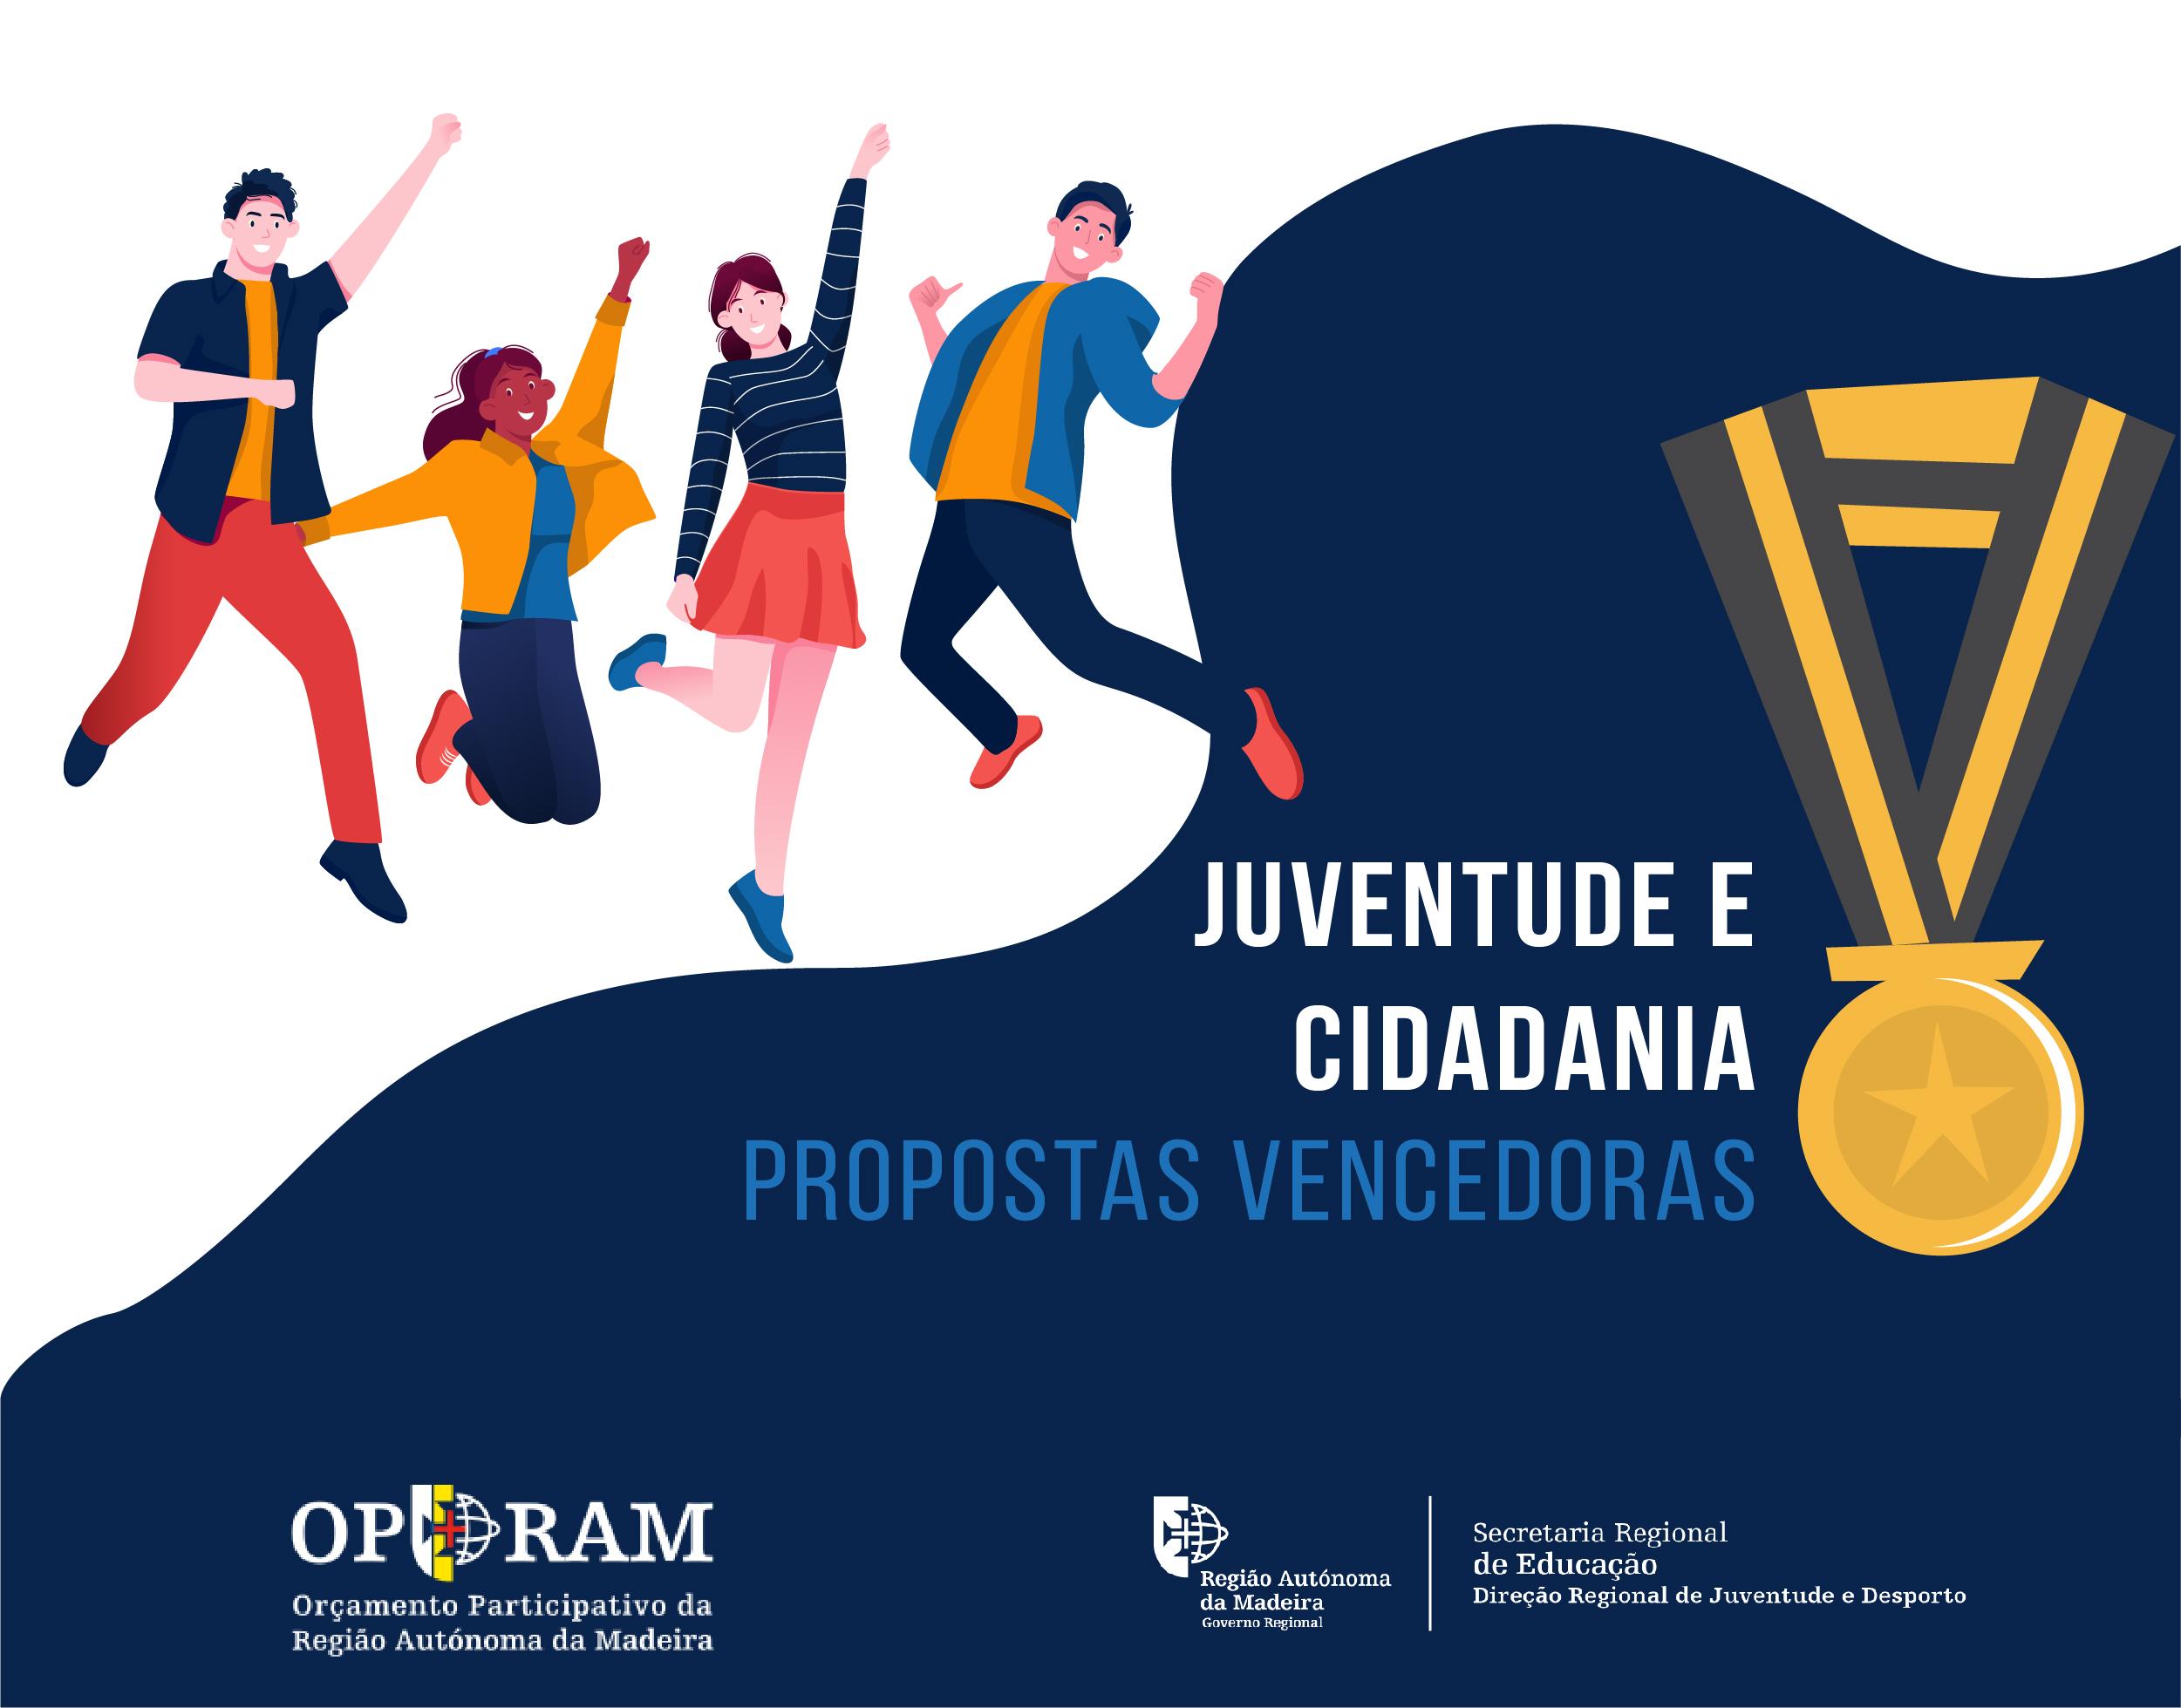 OPRAM 2019 - Propostas vencedoras